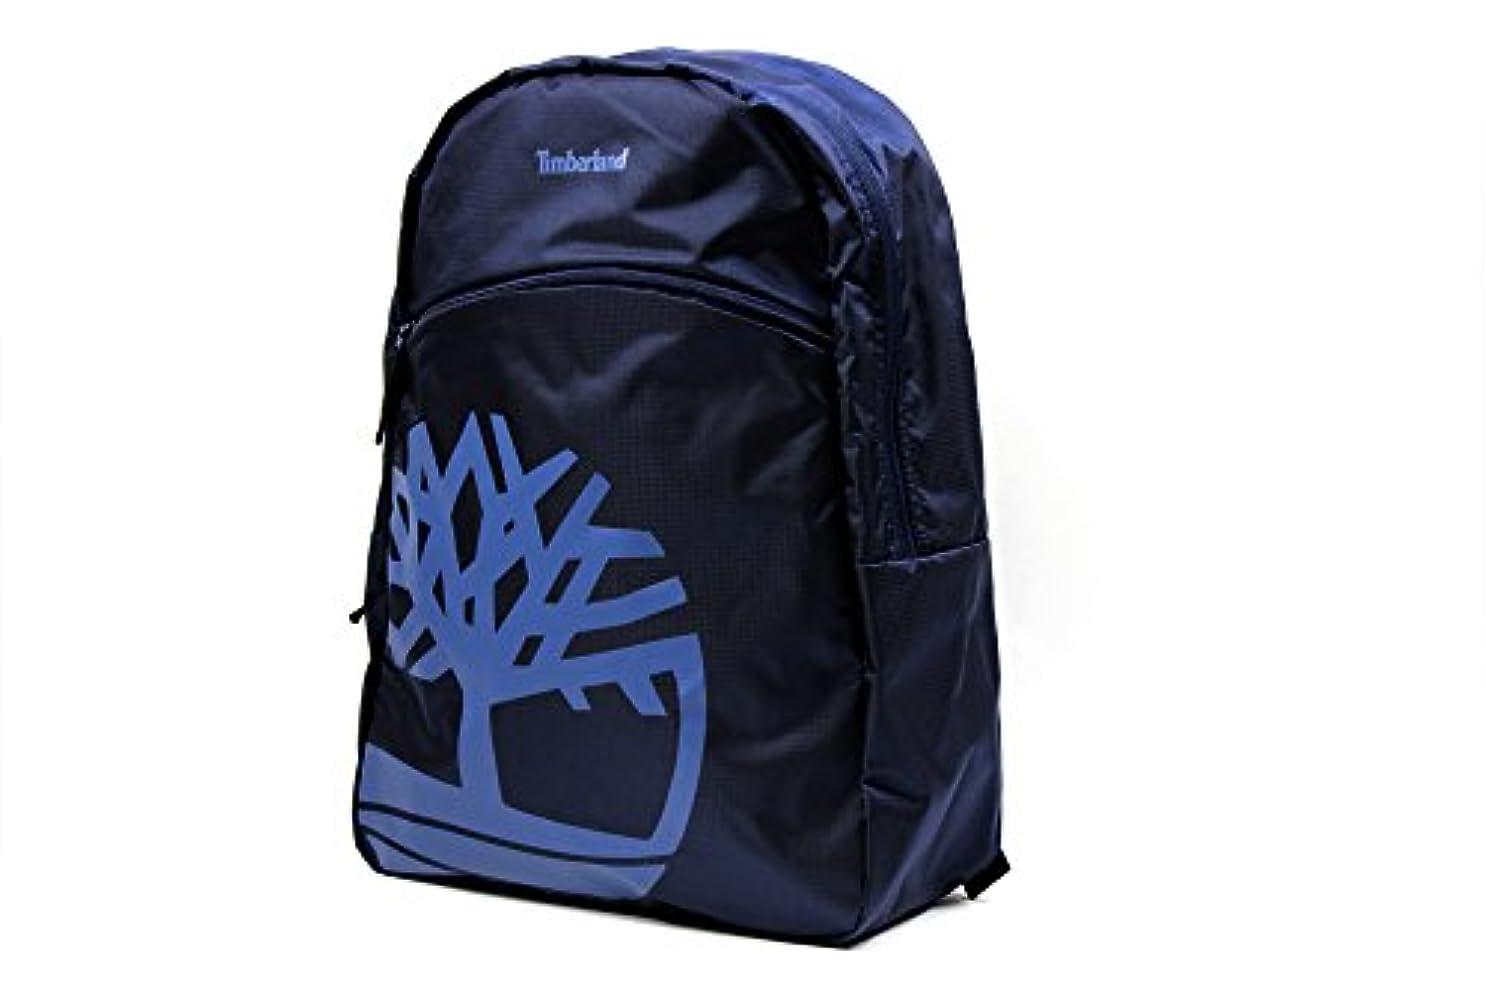 日食パイプ複製Timberland (ティンバーランド) Classic Backpack バックパック Black Iris [並行輸入品]